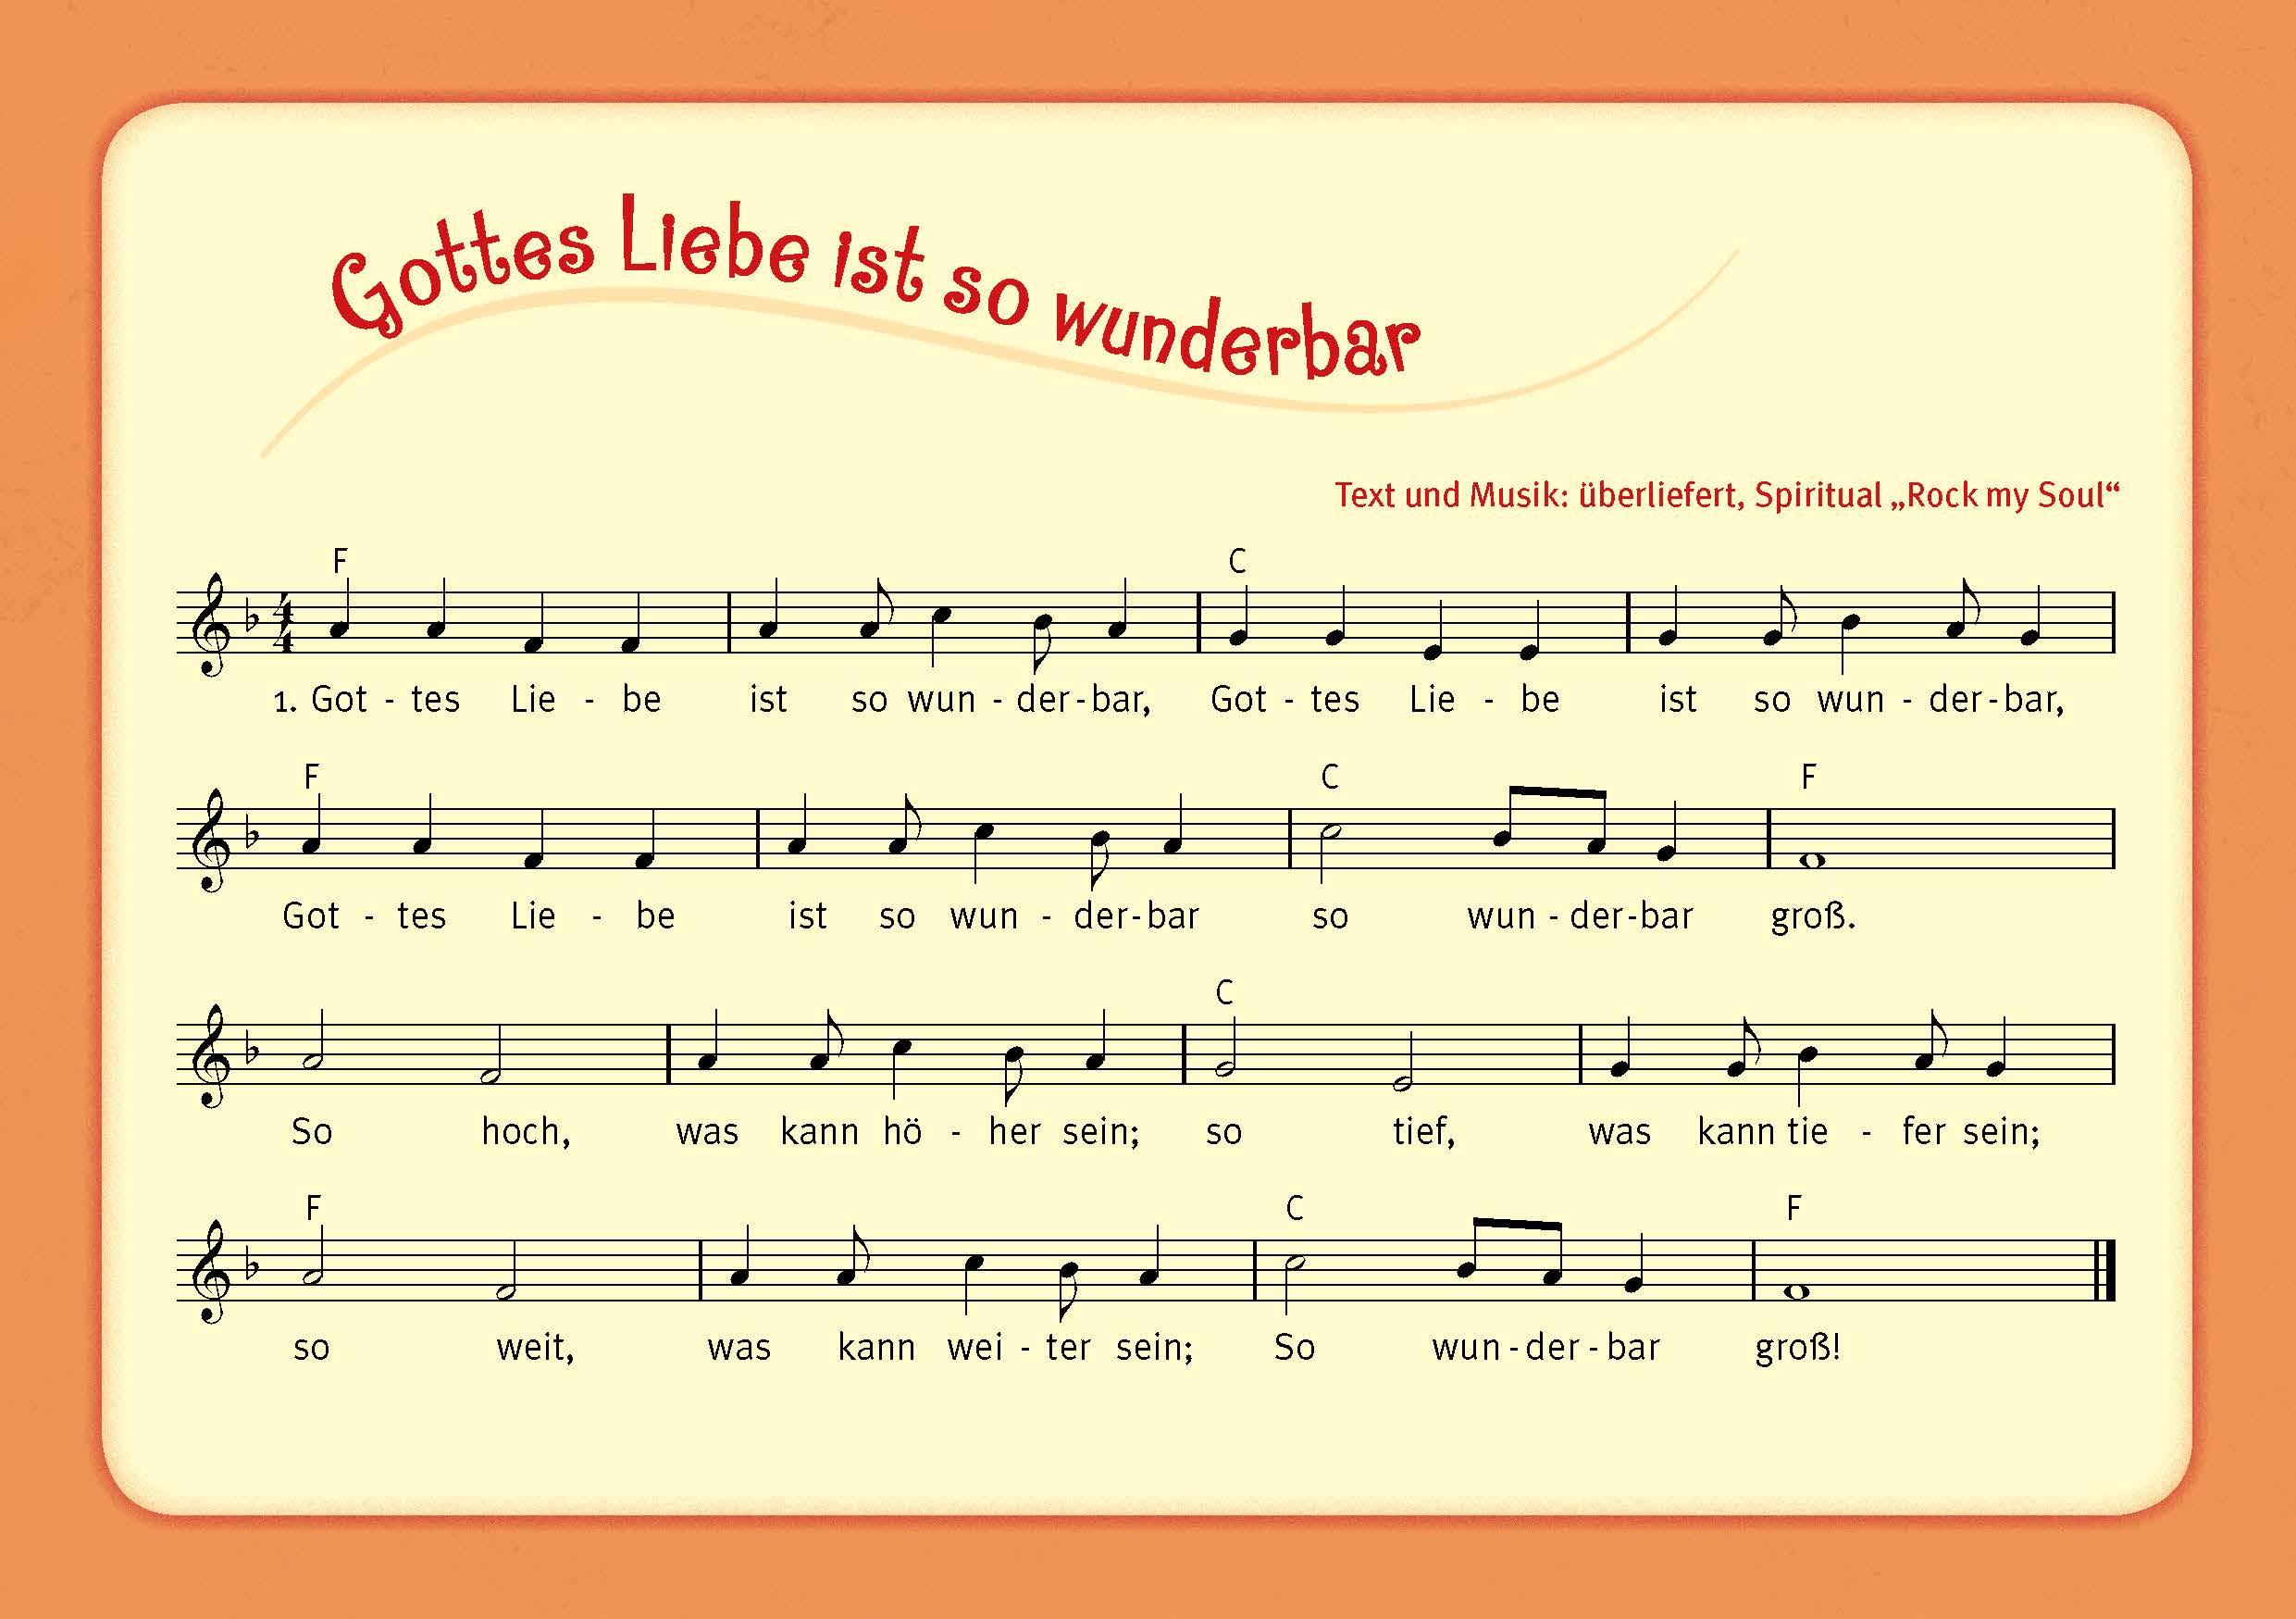 Innenansicht zu ... singen, spielen, tanzen dem Herrn!